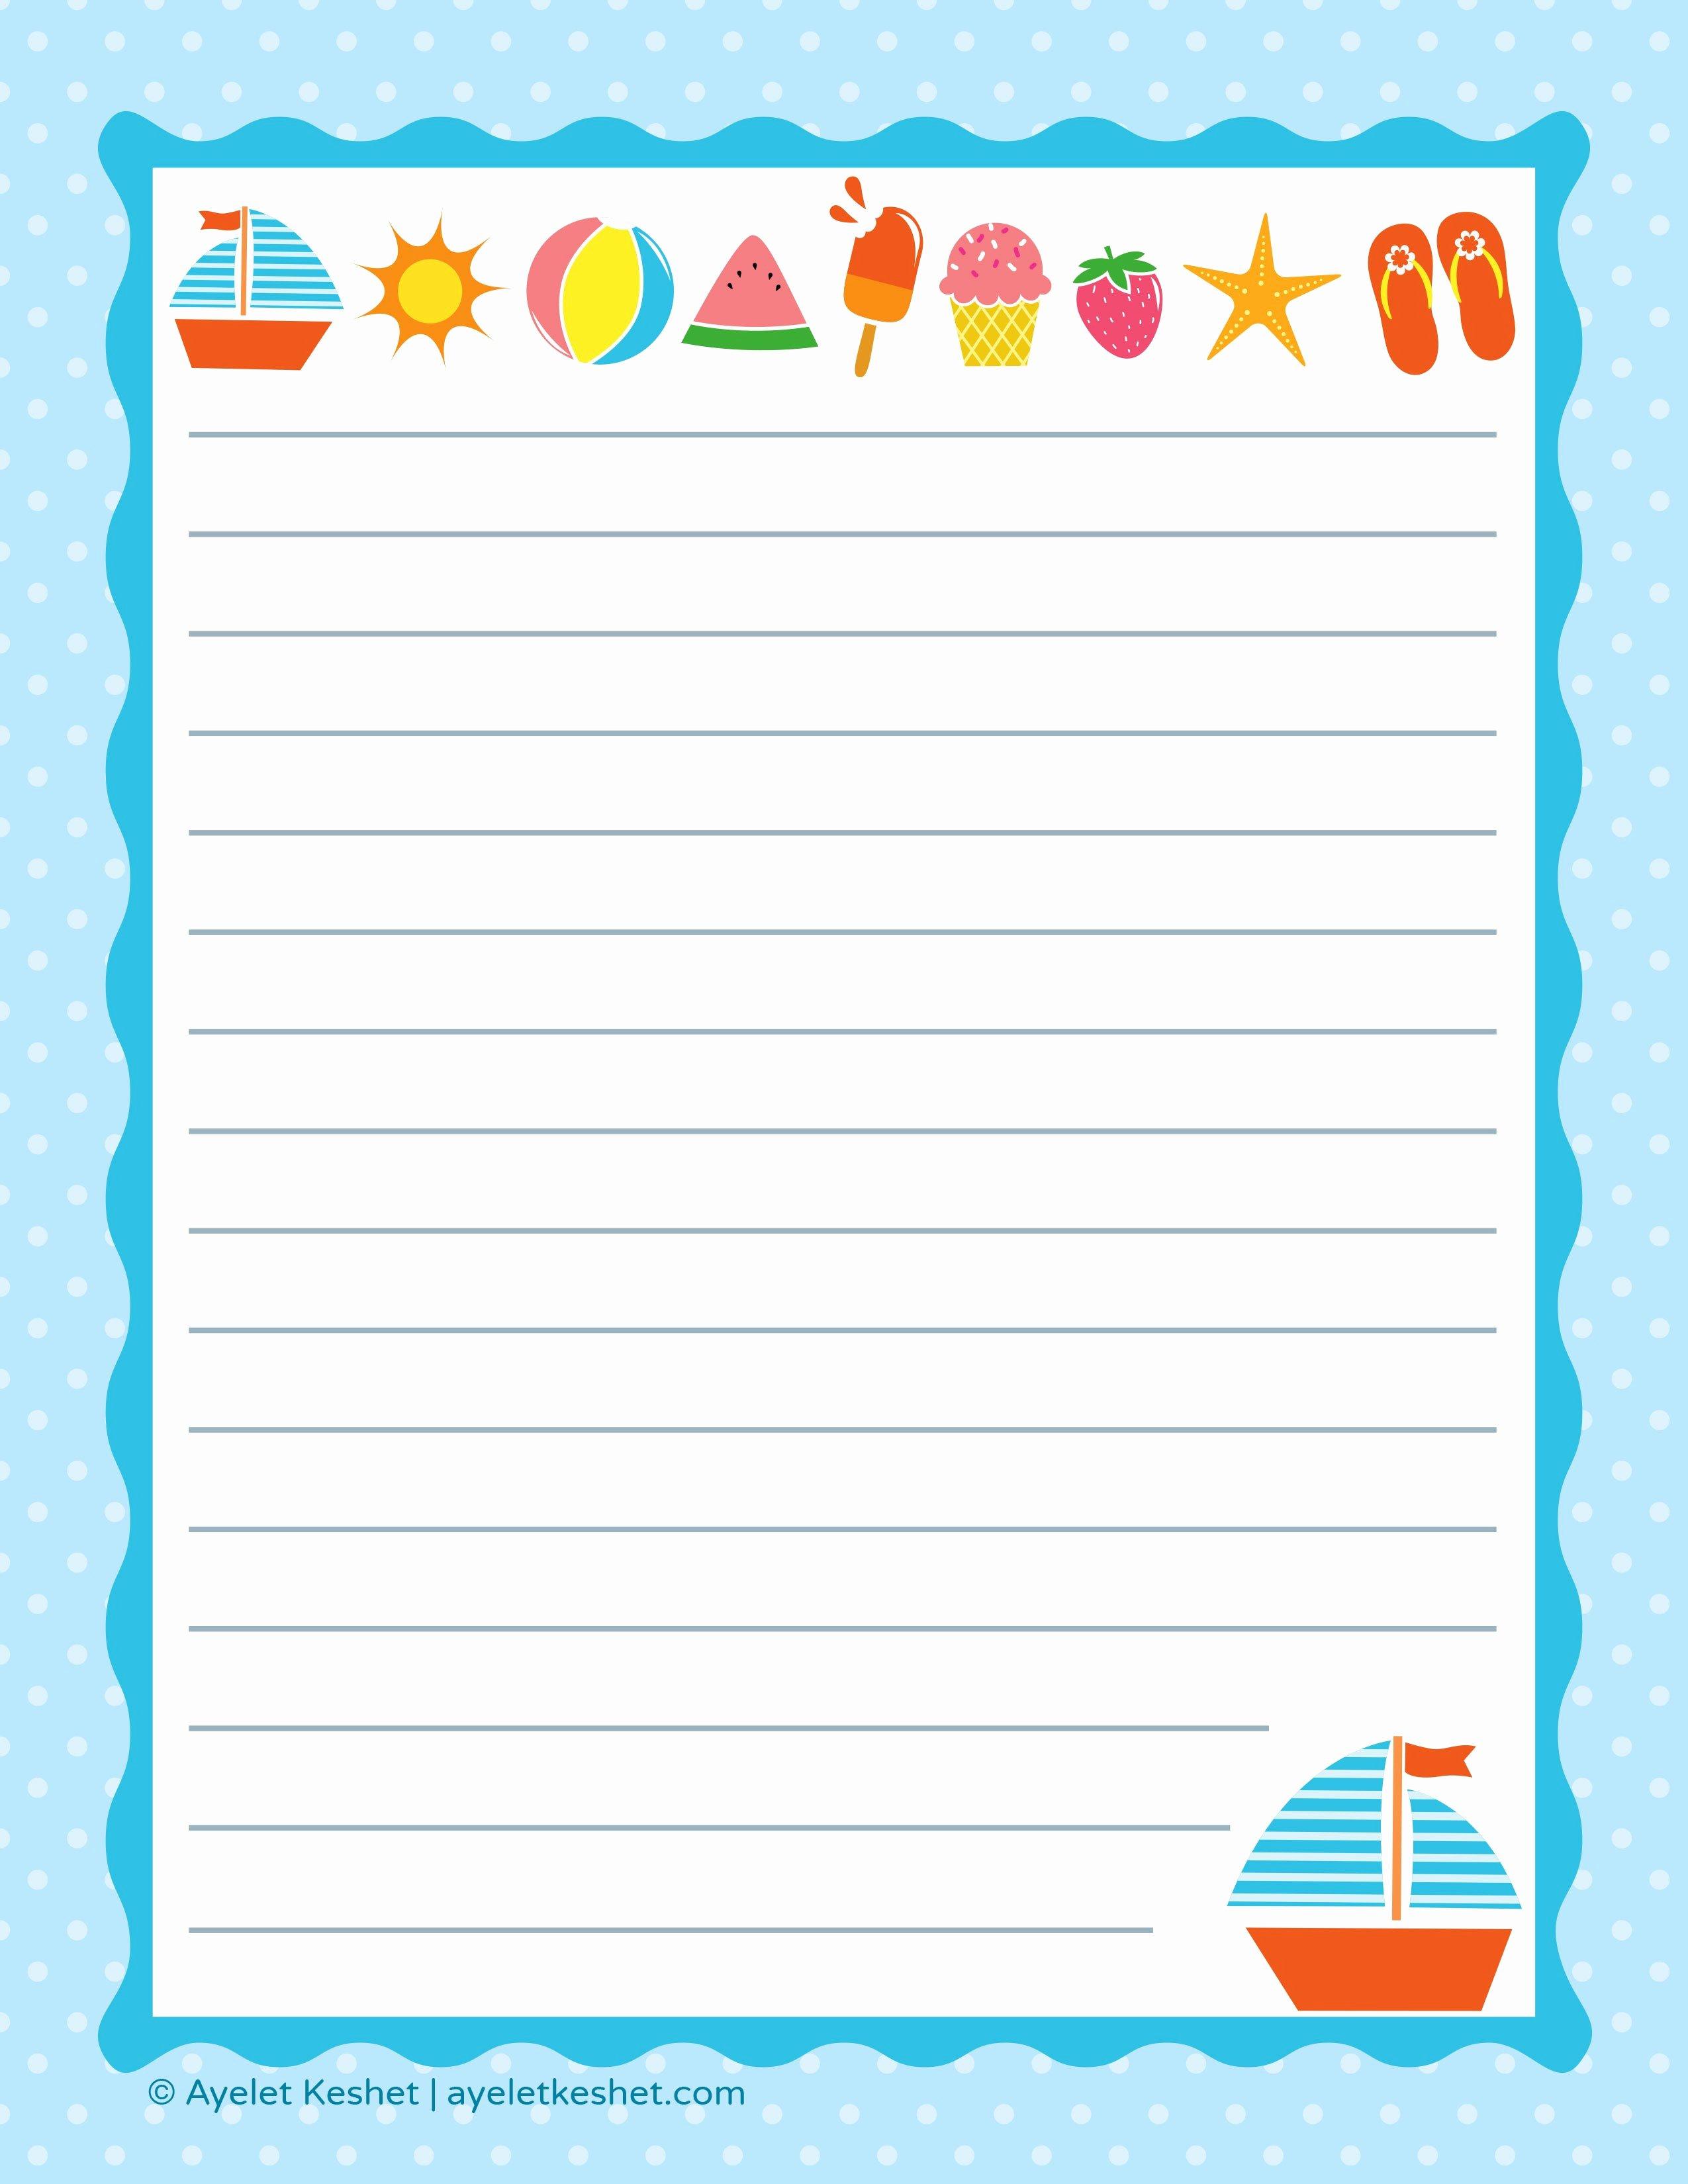 Free Printable Letter Paper Ayelet Keshet